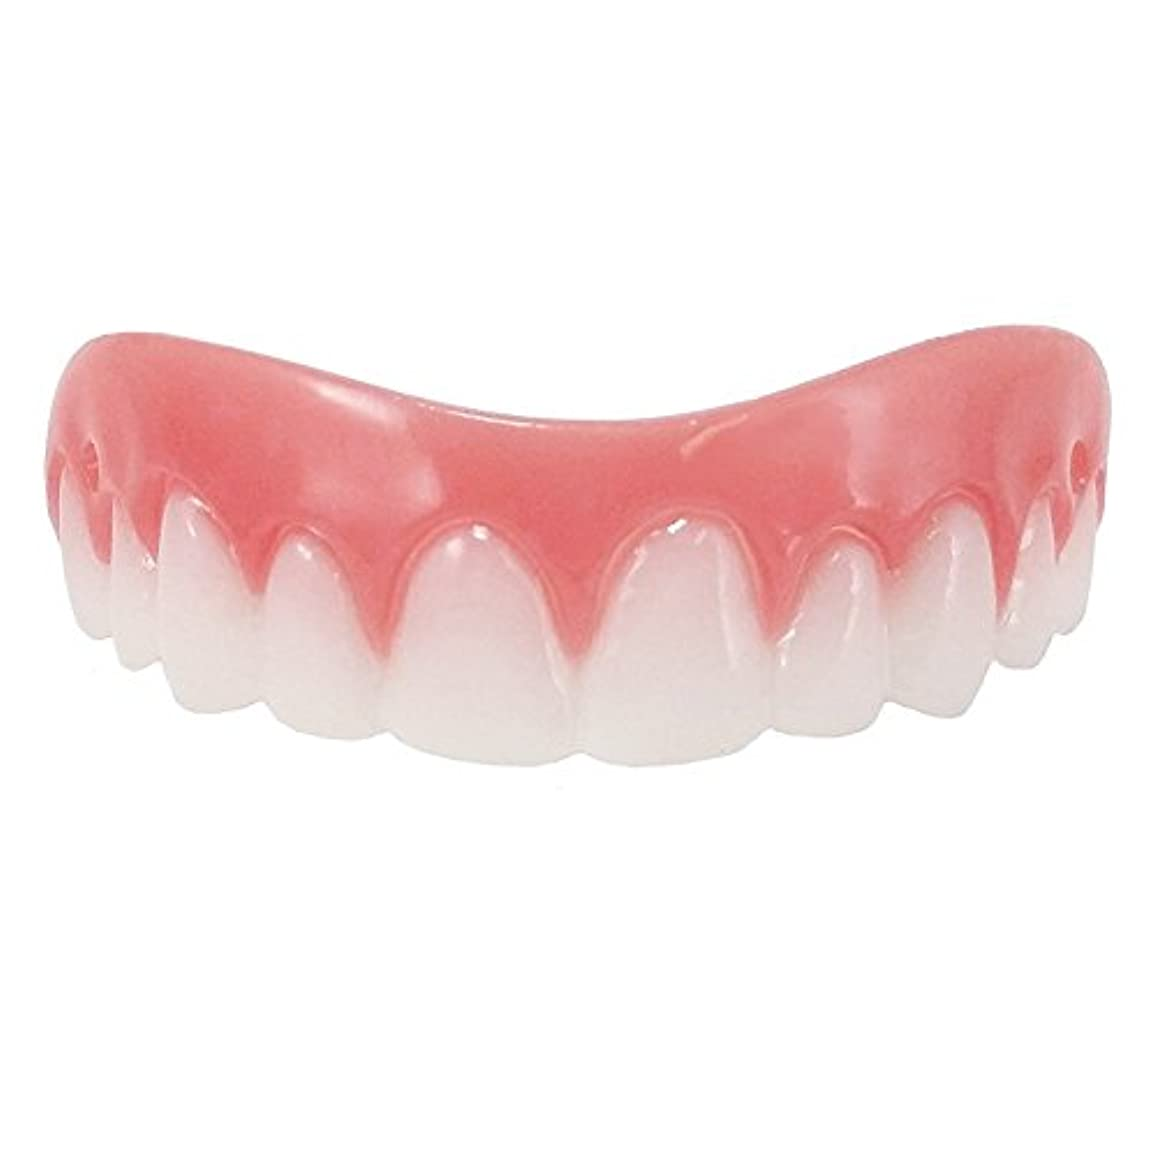 疲労疲労普遍的なシリコン義歯ペースト 美容用 入れ歯 上歯 下歯2個セット (free size)